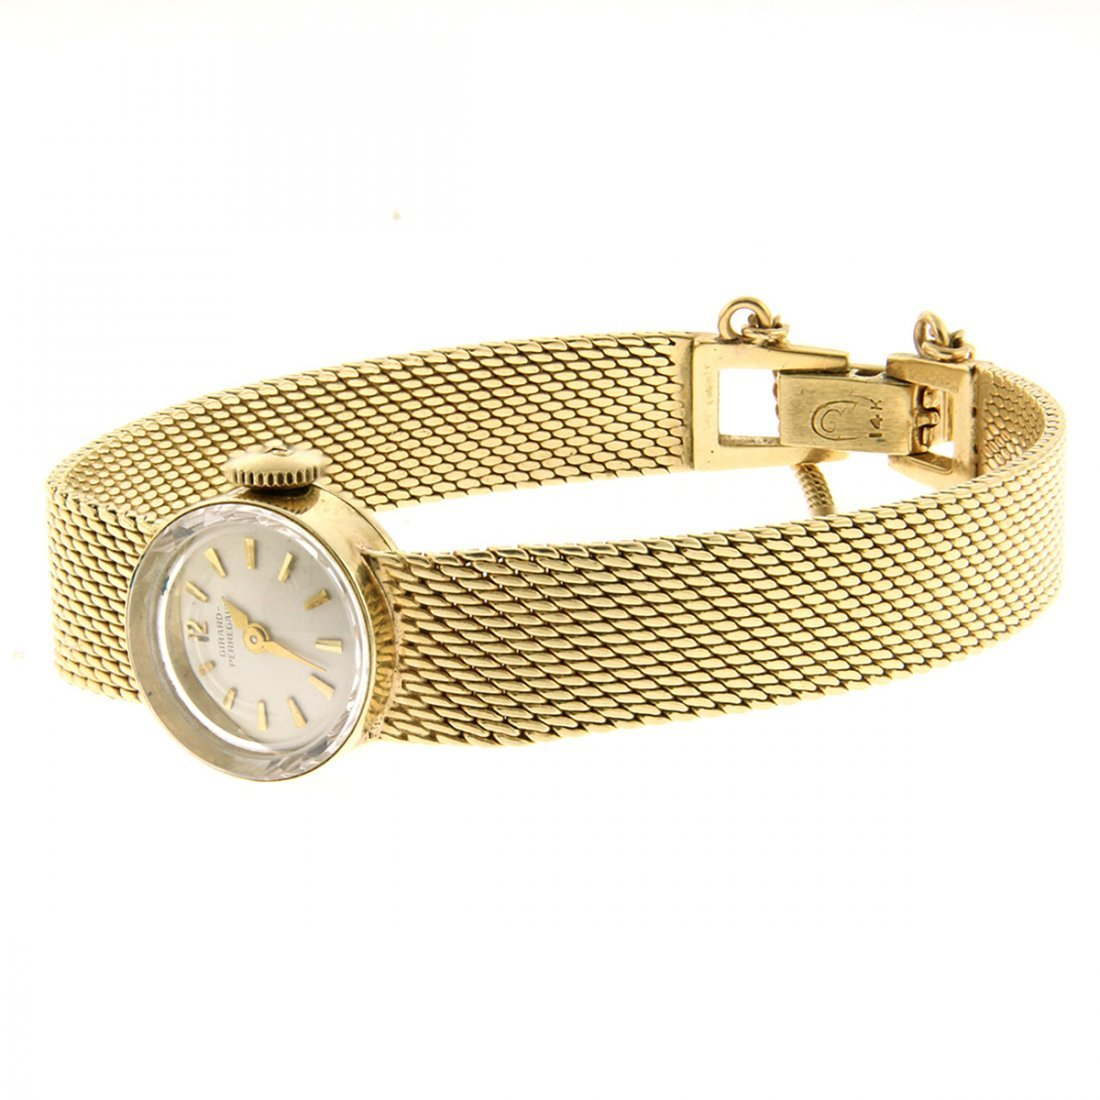 Girard Perregaux 14k Gold Ladies Wrist Watch.